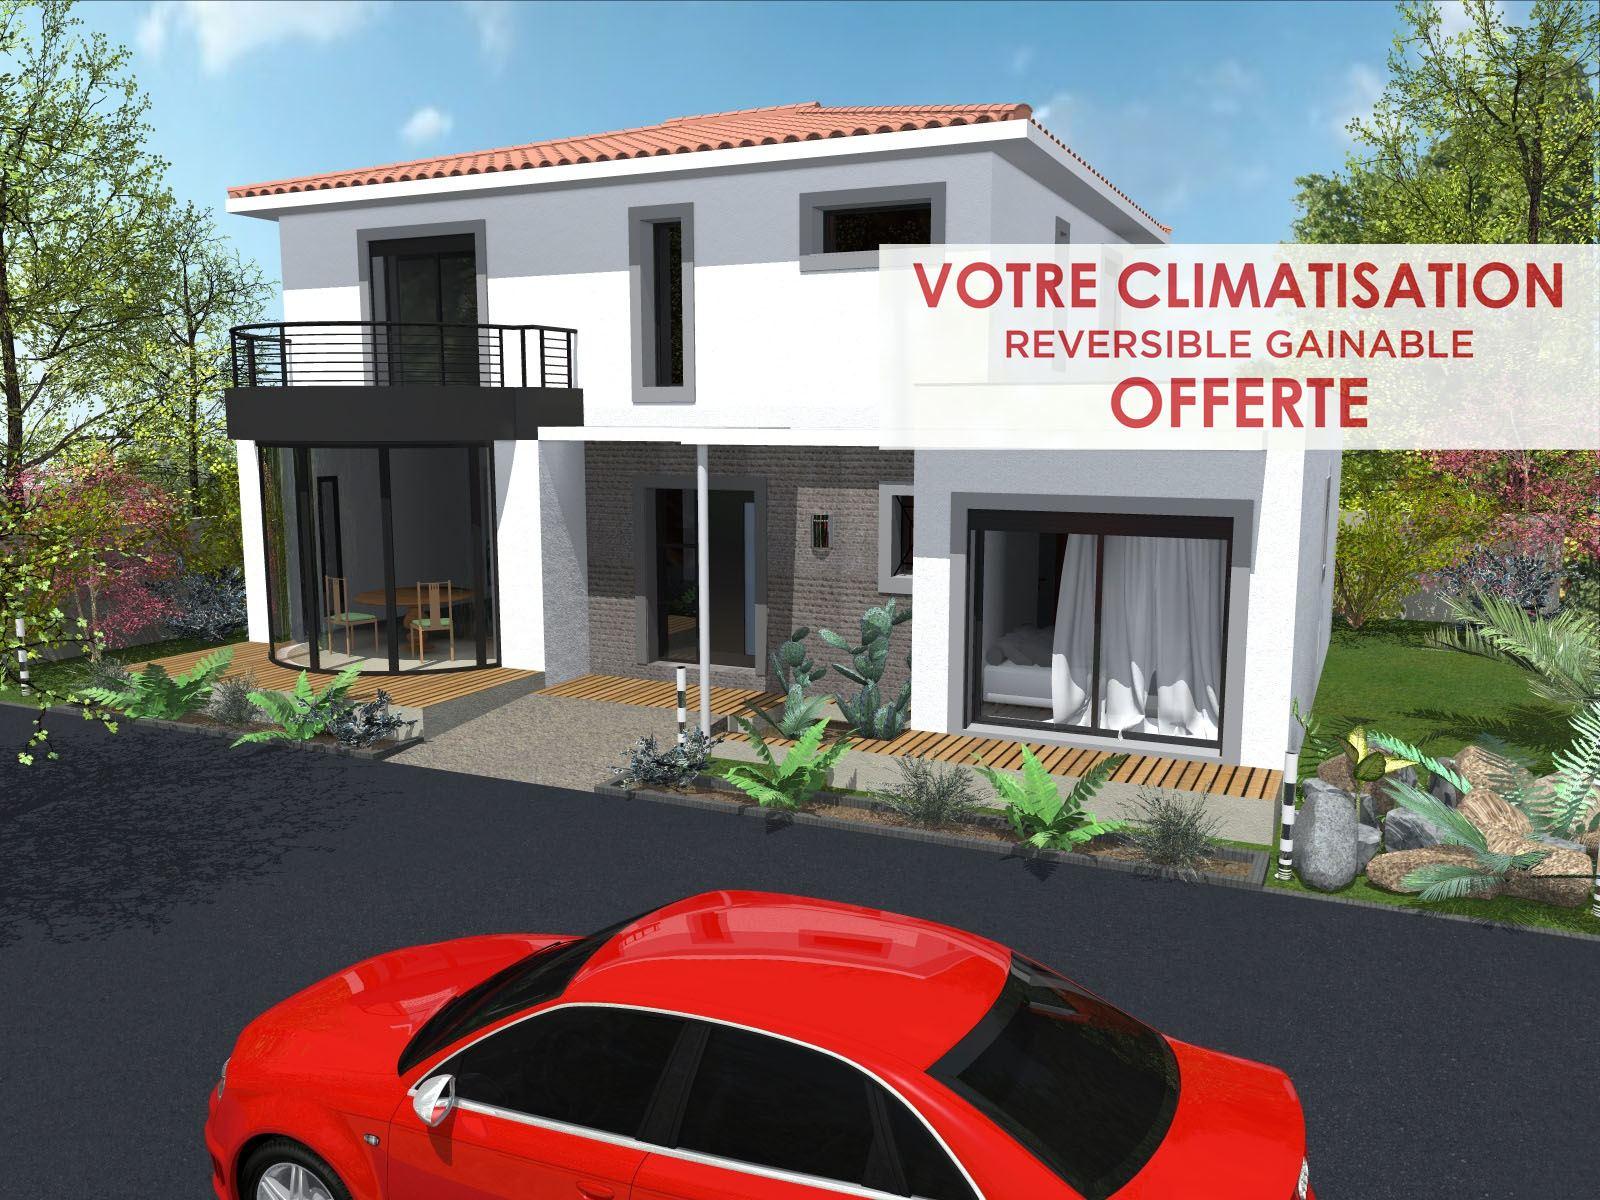 Maisons + Terrains du constructeur ART ET TRADITIONS MEDITERRANEE • 154 m² • SAINT MAURICE DE CAZEVIEILLE